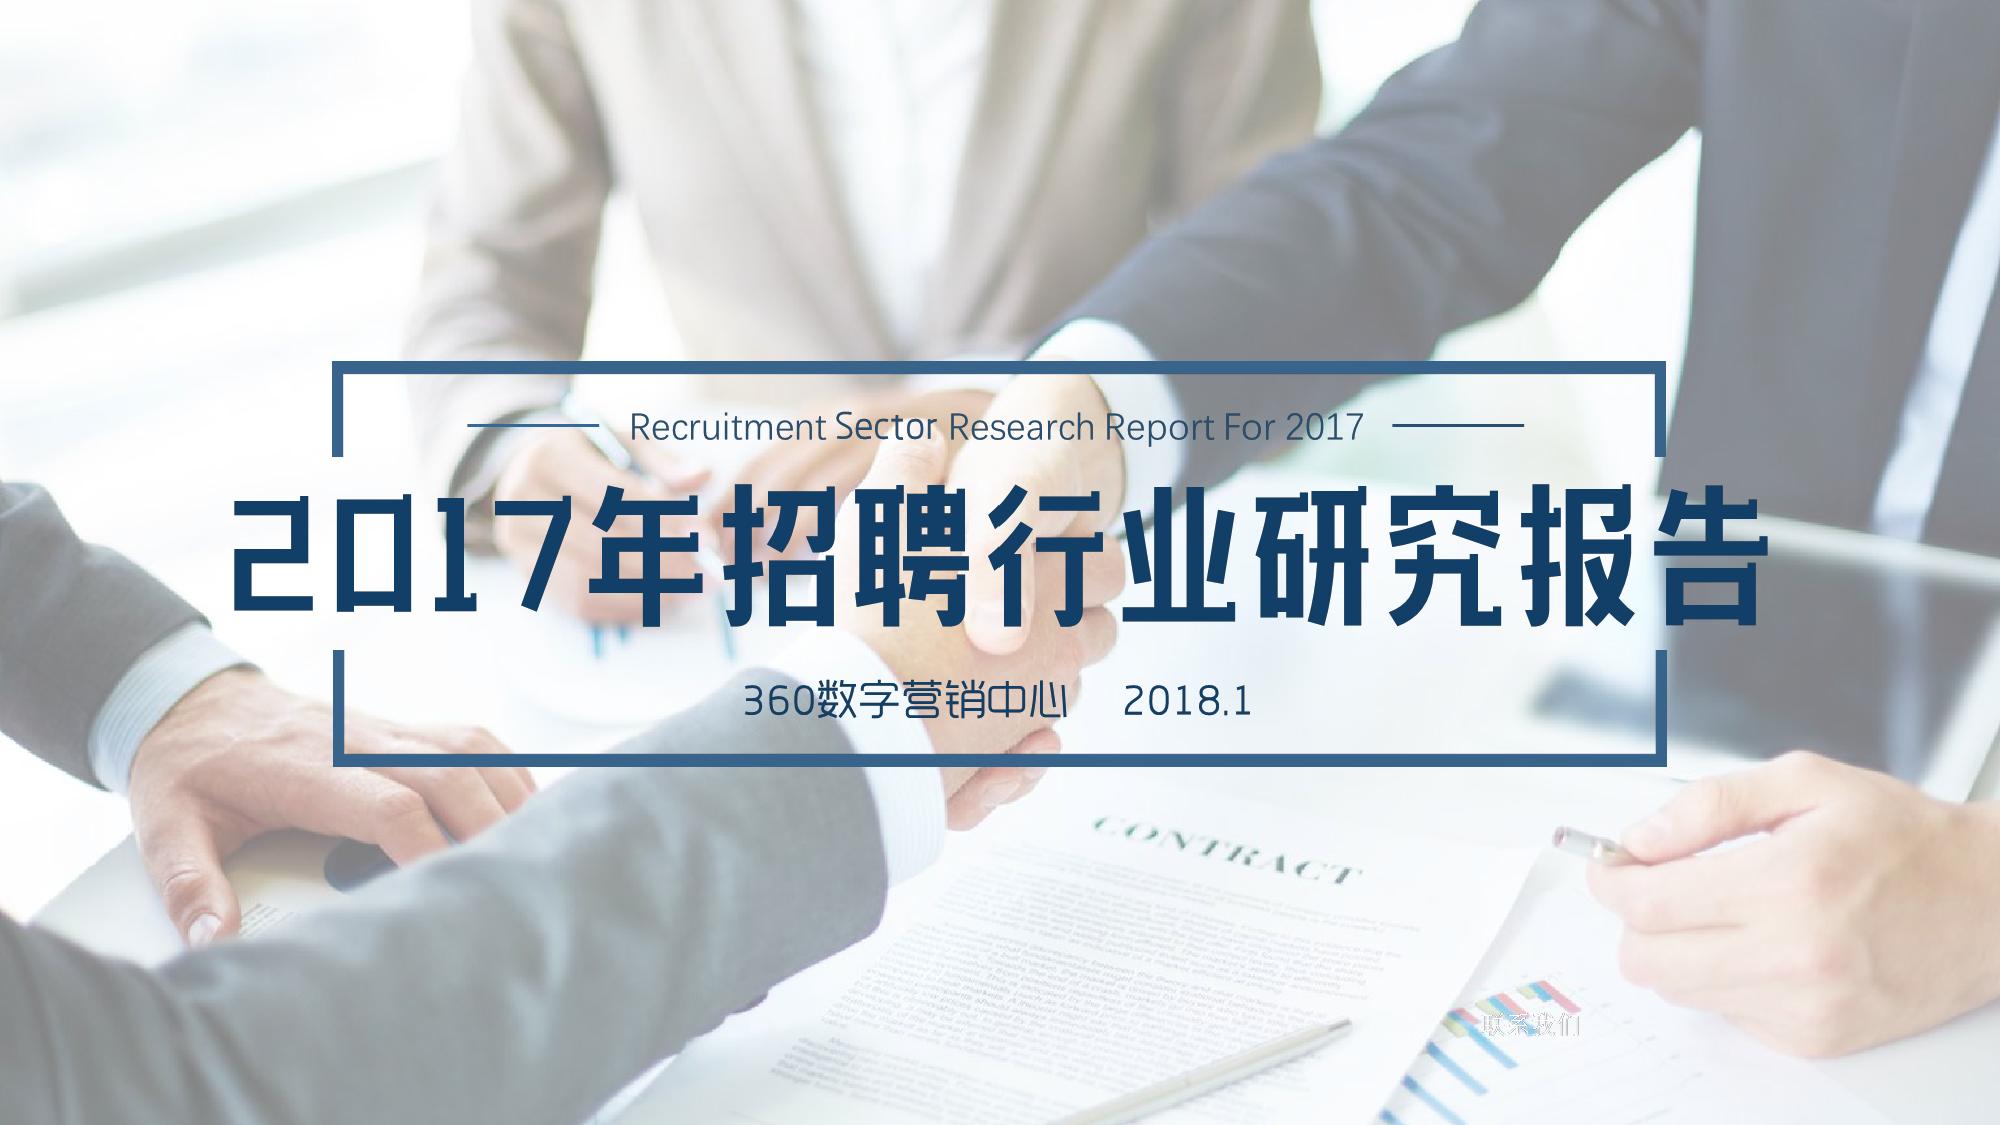 360:2017招聘行业研究报告(附下载)